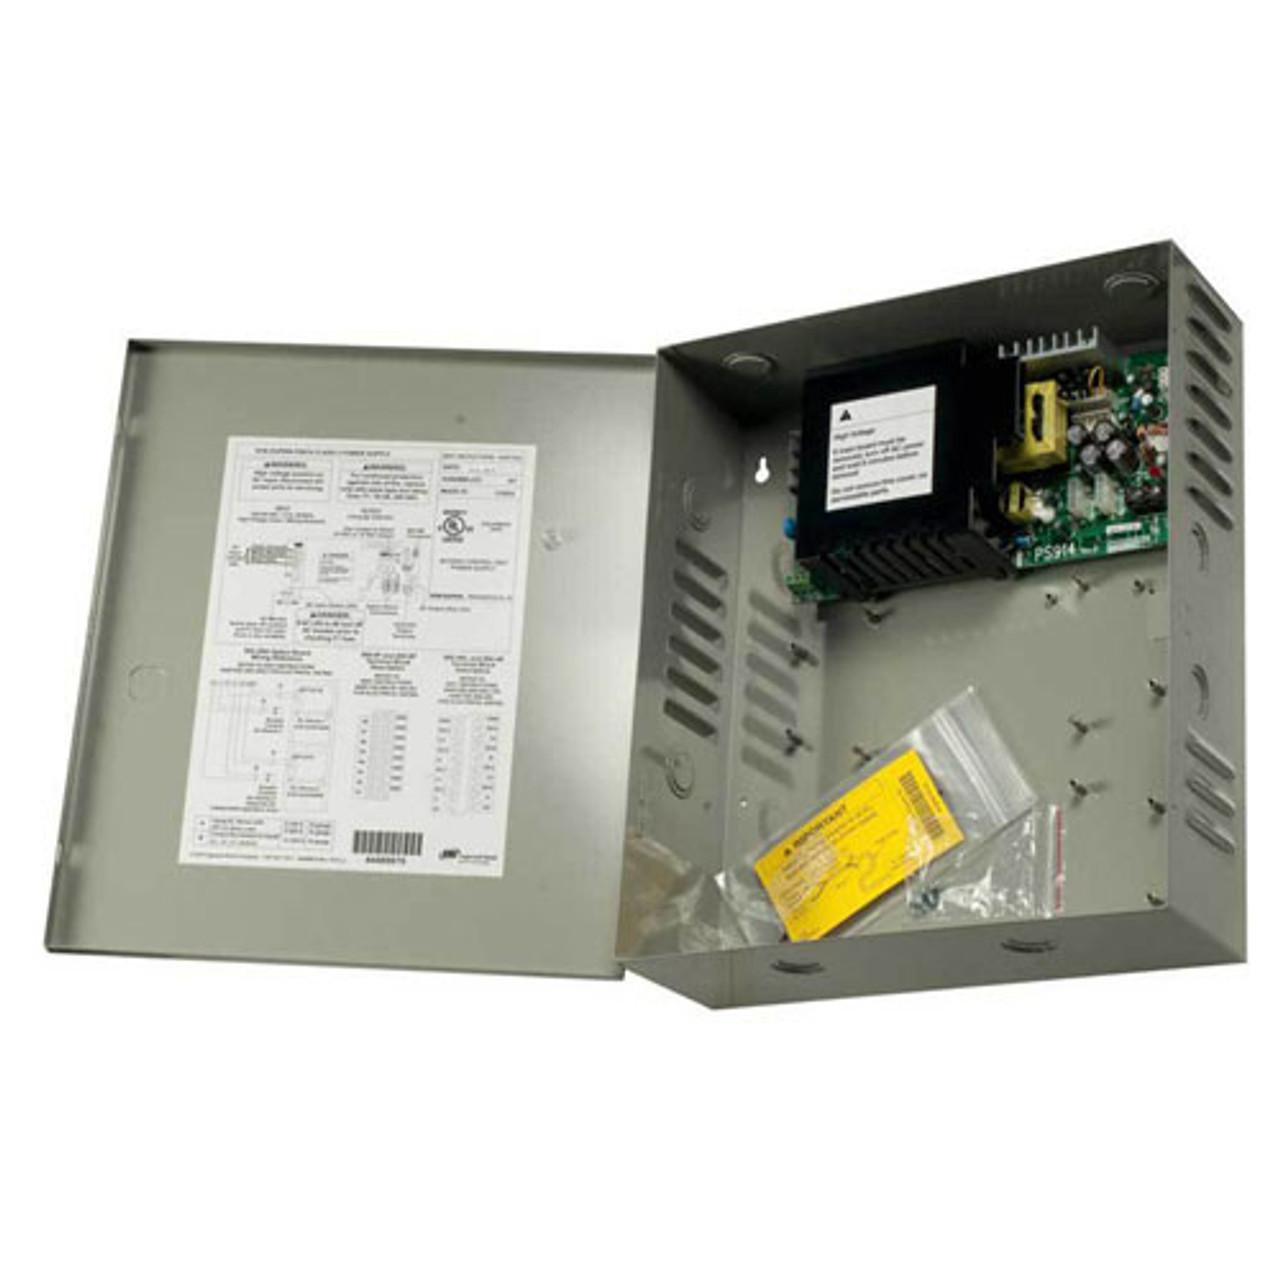 hight resolution of ps914 von duprin power supply lock depot incps914 wiring diagram 9